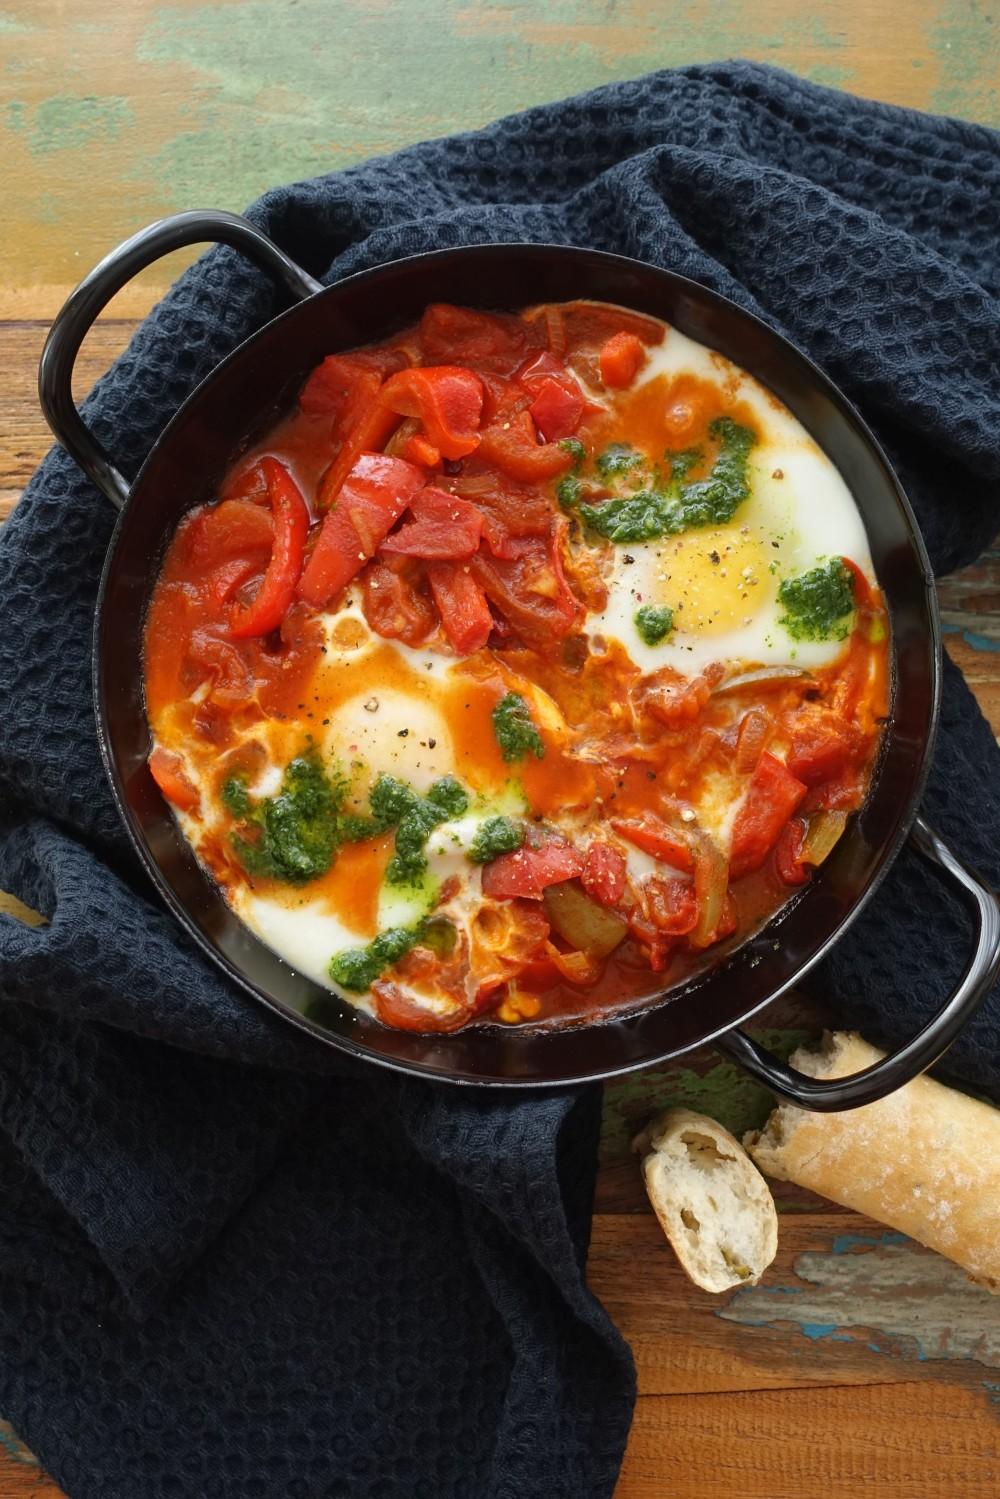 trendy, köstlich, Shakshuka, israelisch, nordafrikanisch, Frühstück, oreintalisch kochen, vegetarisch, Gemüse, Eier, mediterran, kreativ, mit Pesto